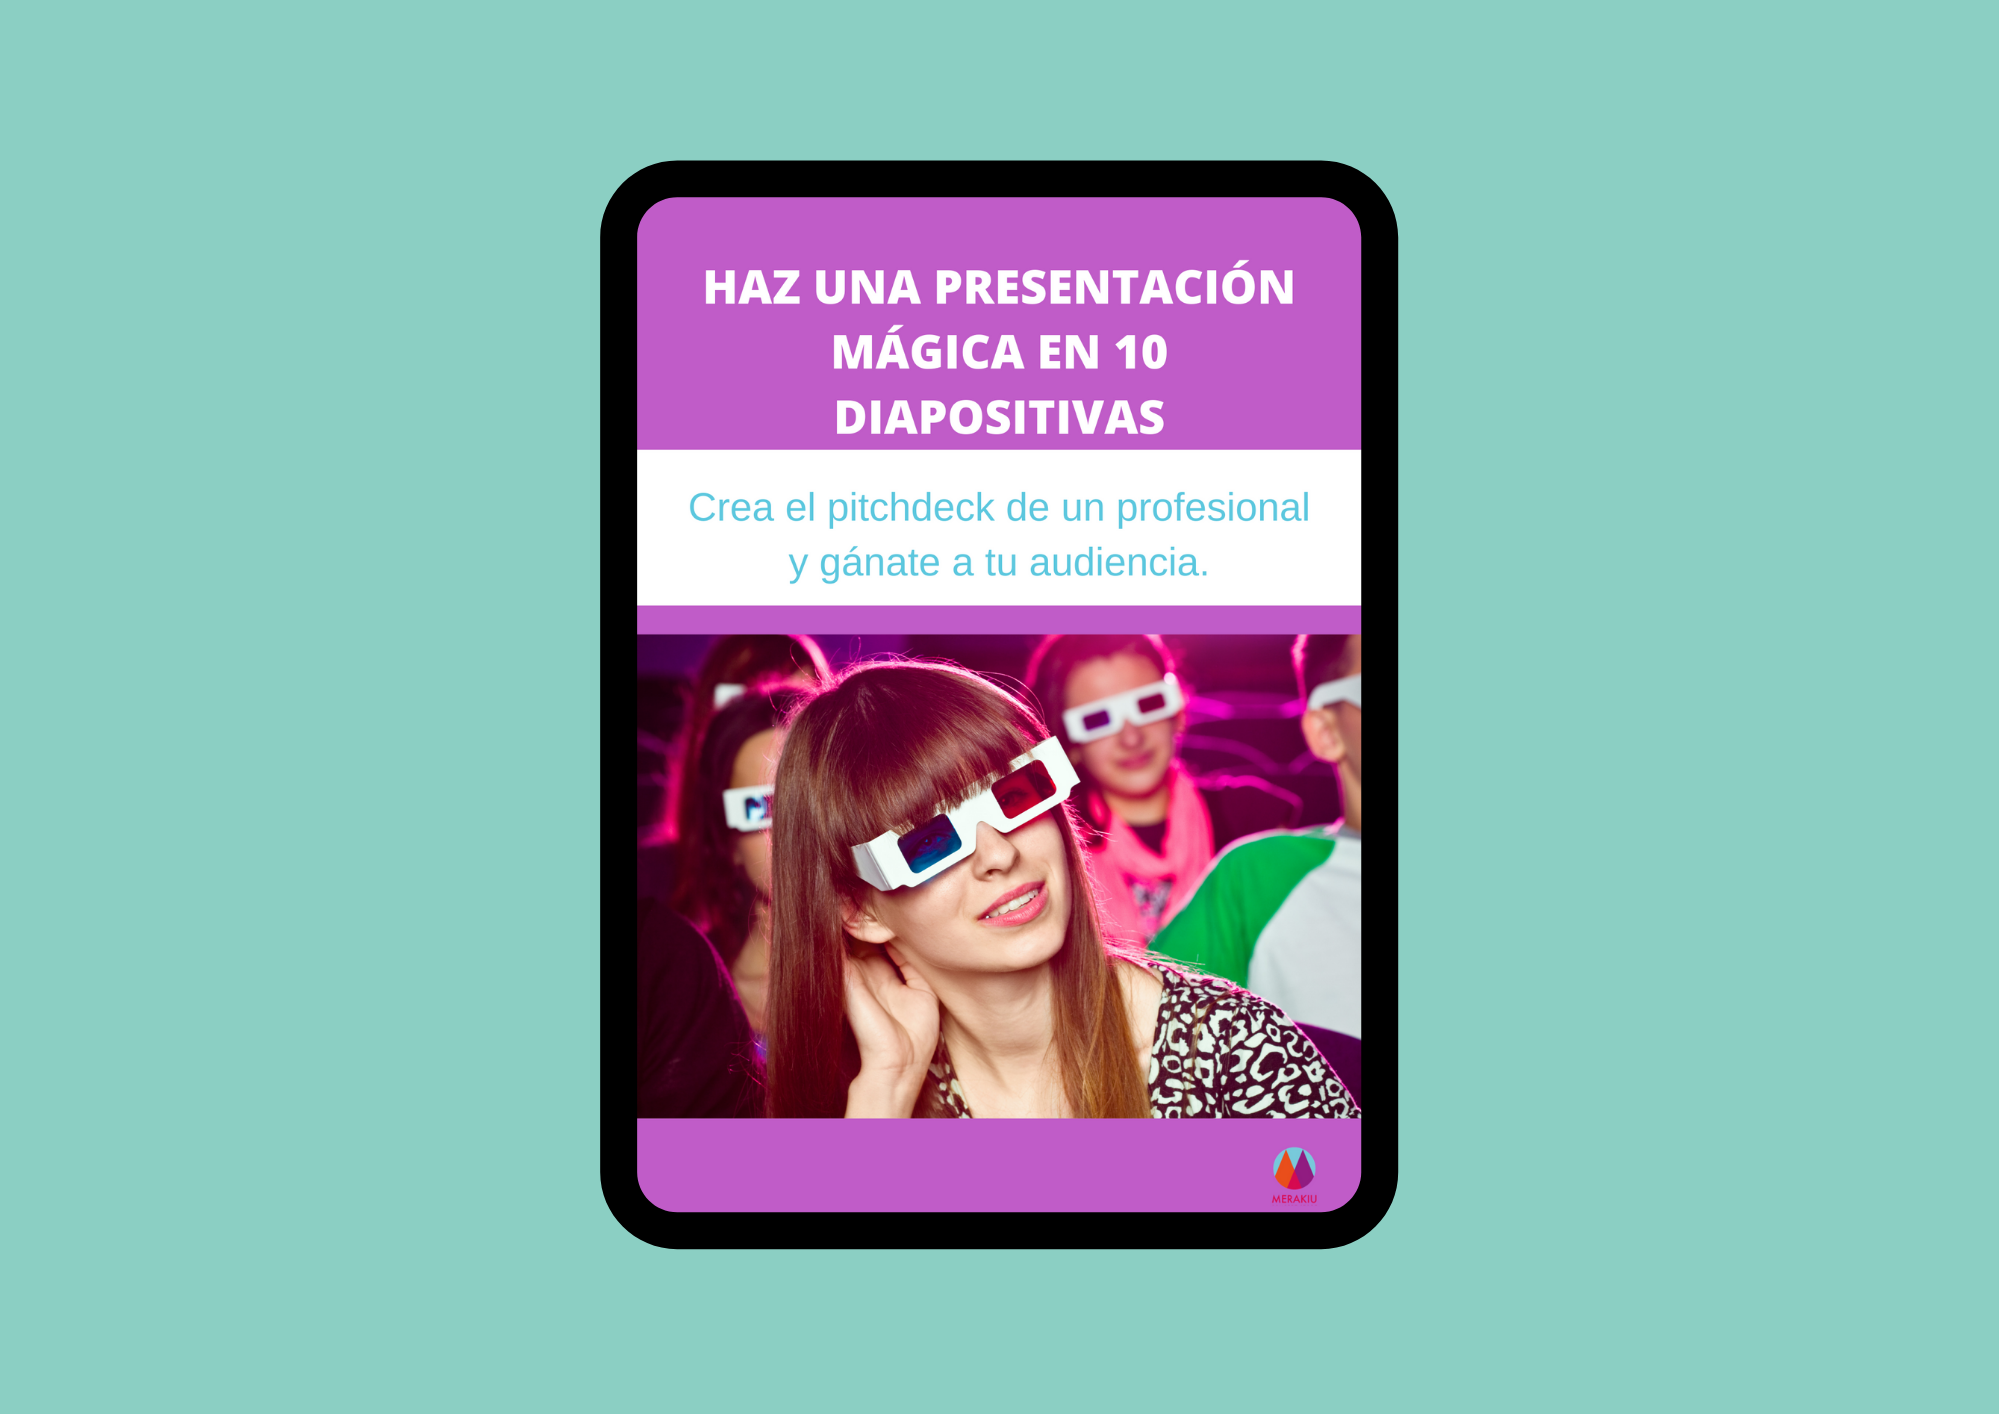 Haz una presentación mágica con estas 10 diapositivas